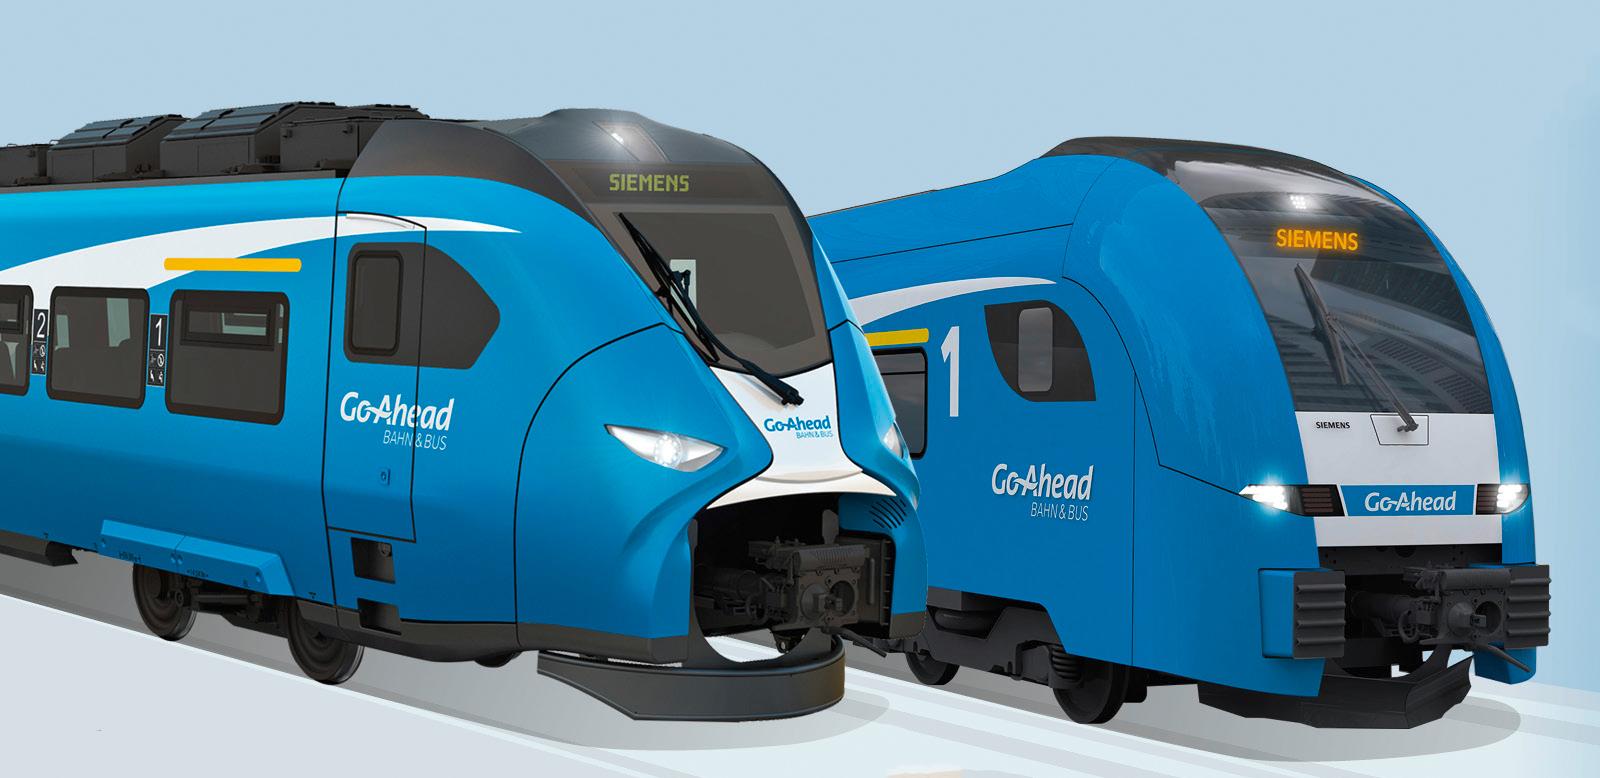 DE / Expert] Go-Ahead orders Siemens Mireo and Desiro HC for